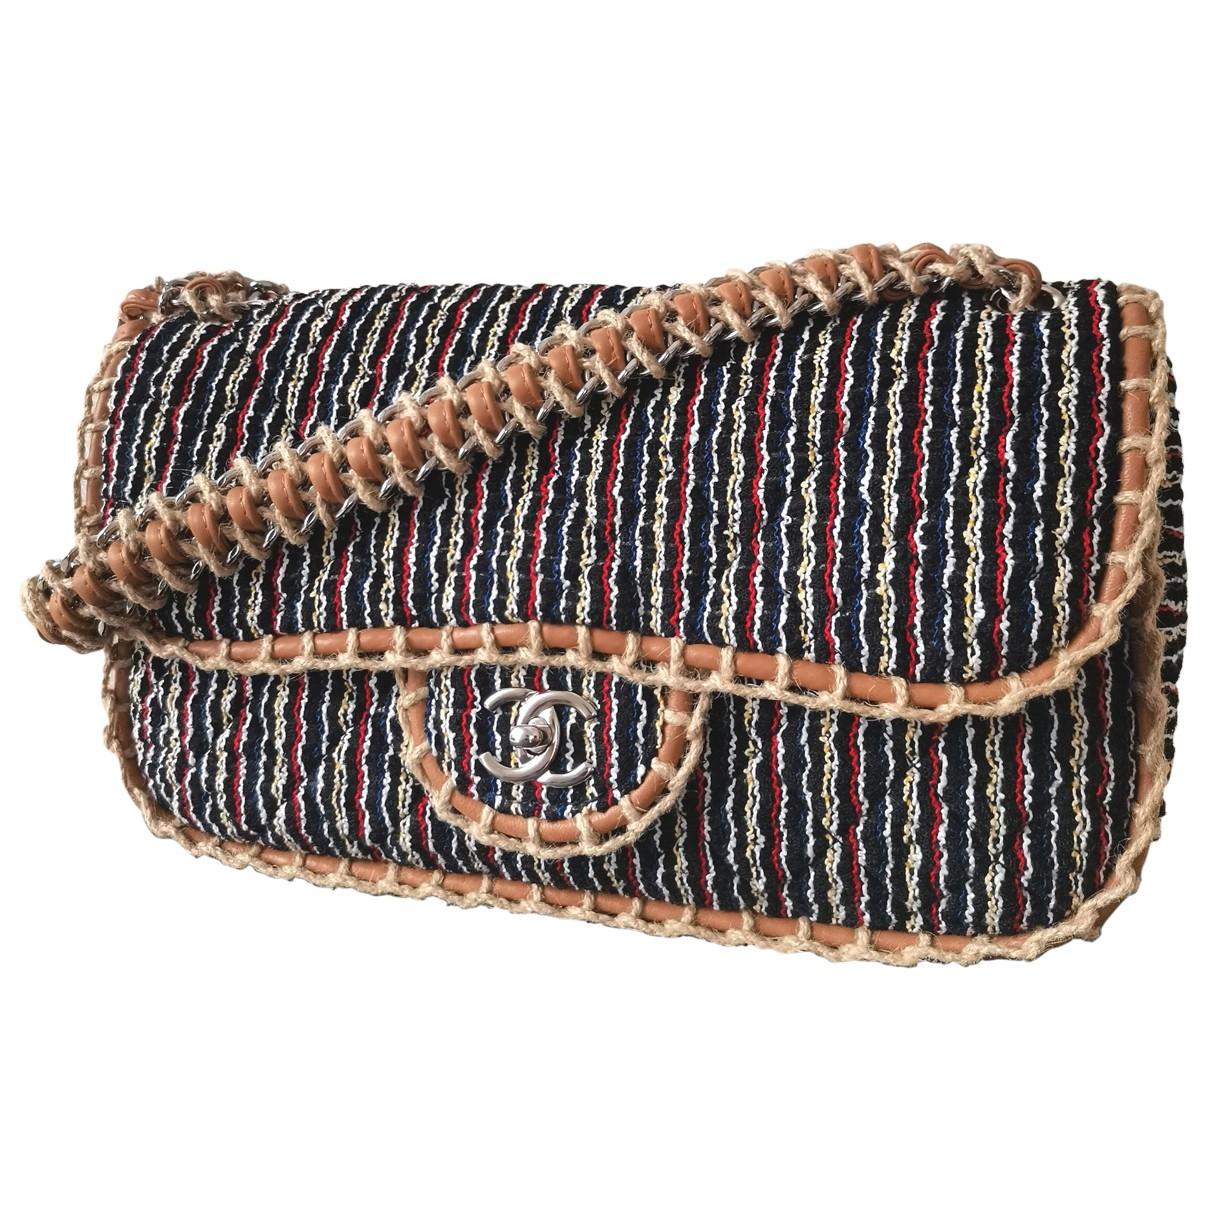 Chanel - Sac a main Timeless/Classique pour femme en tweed - multicolore